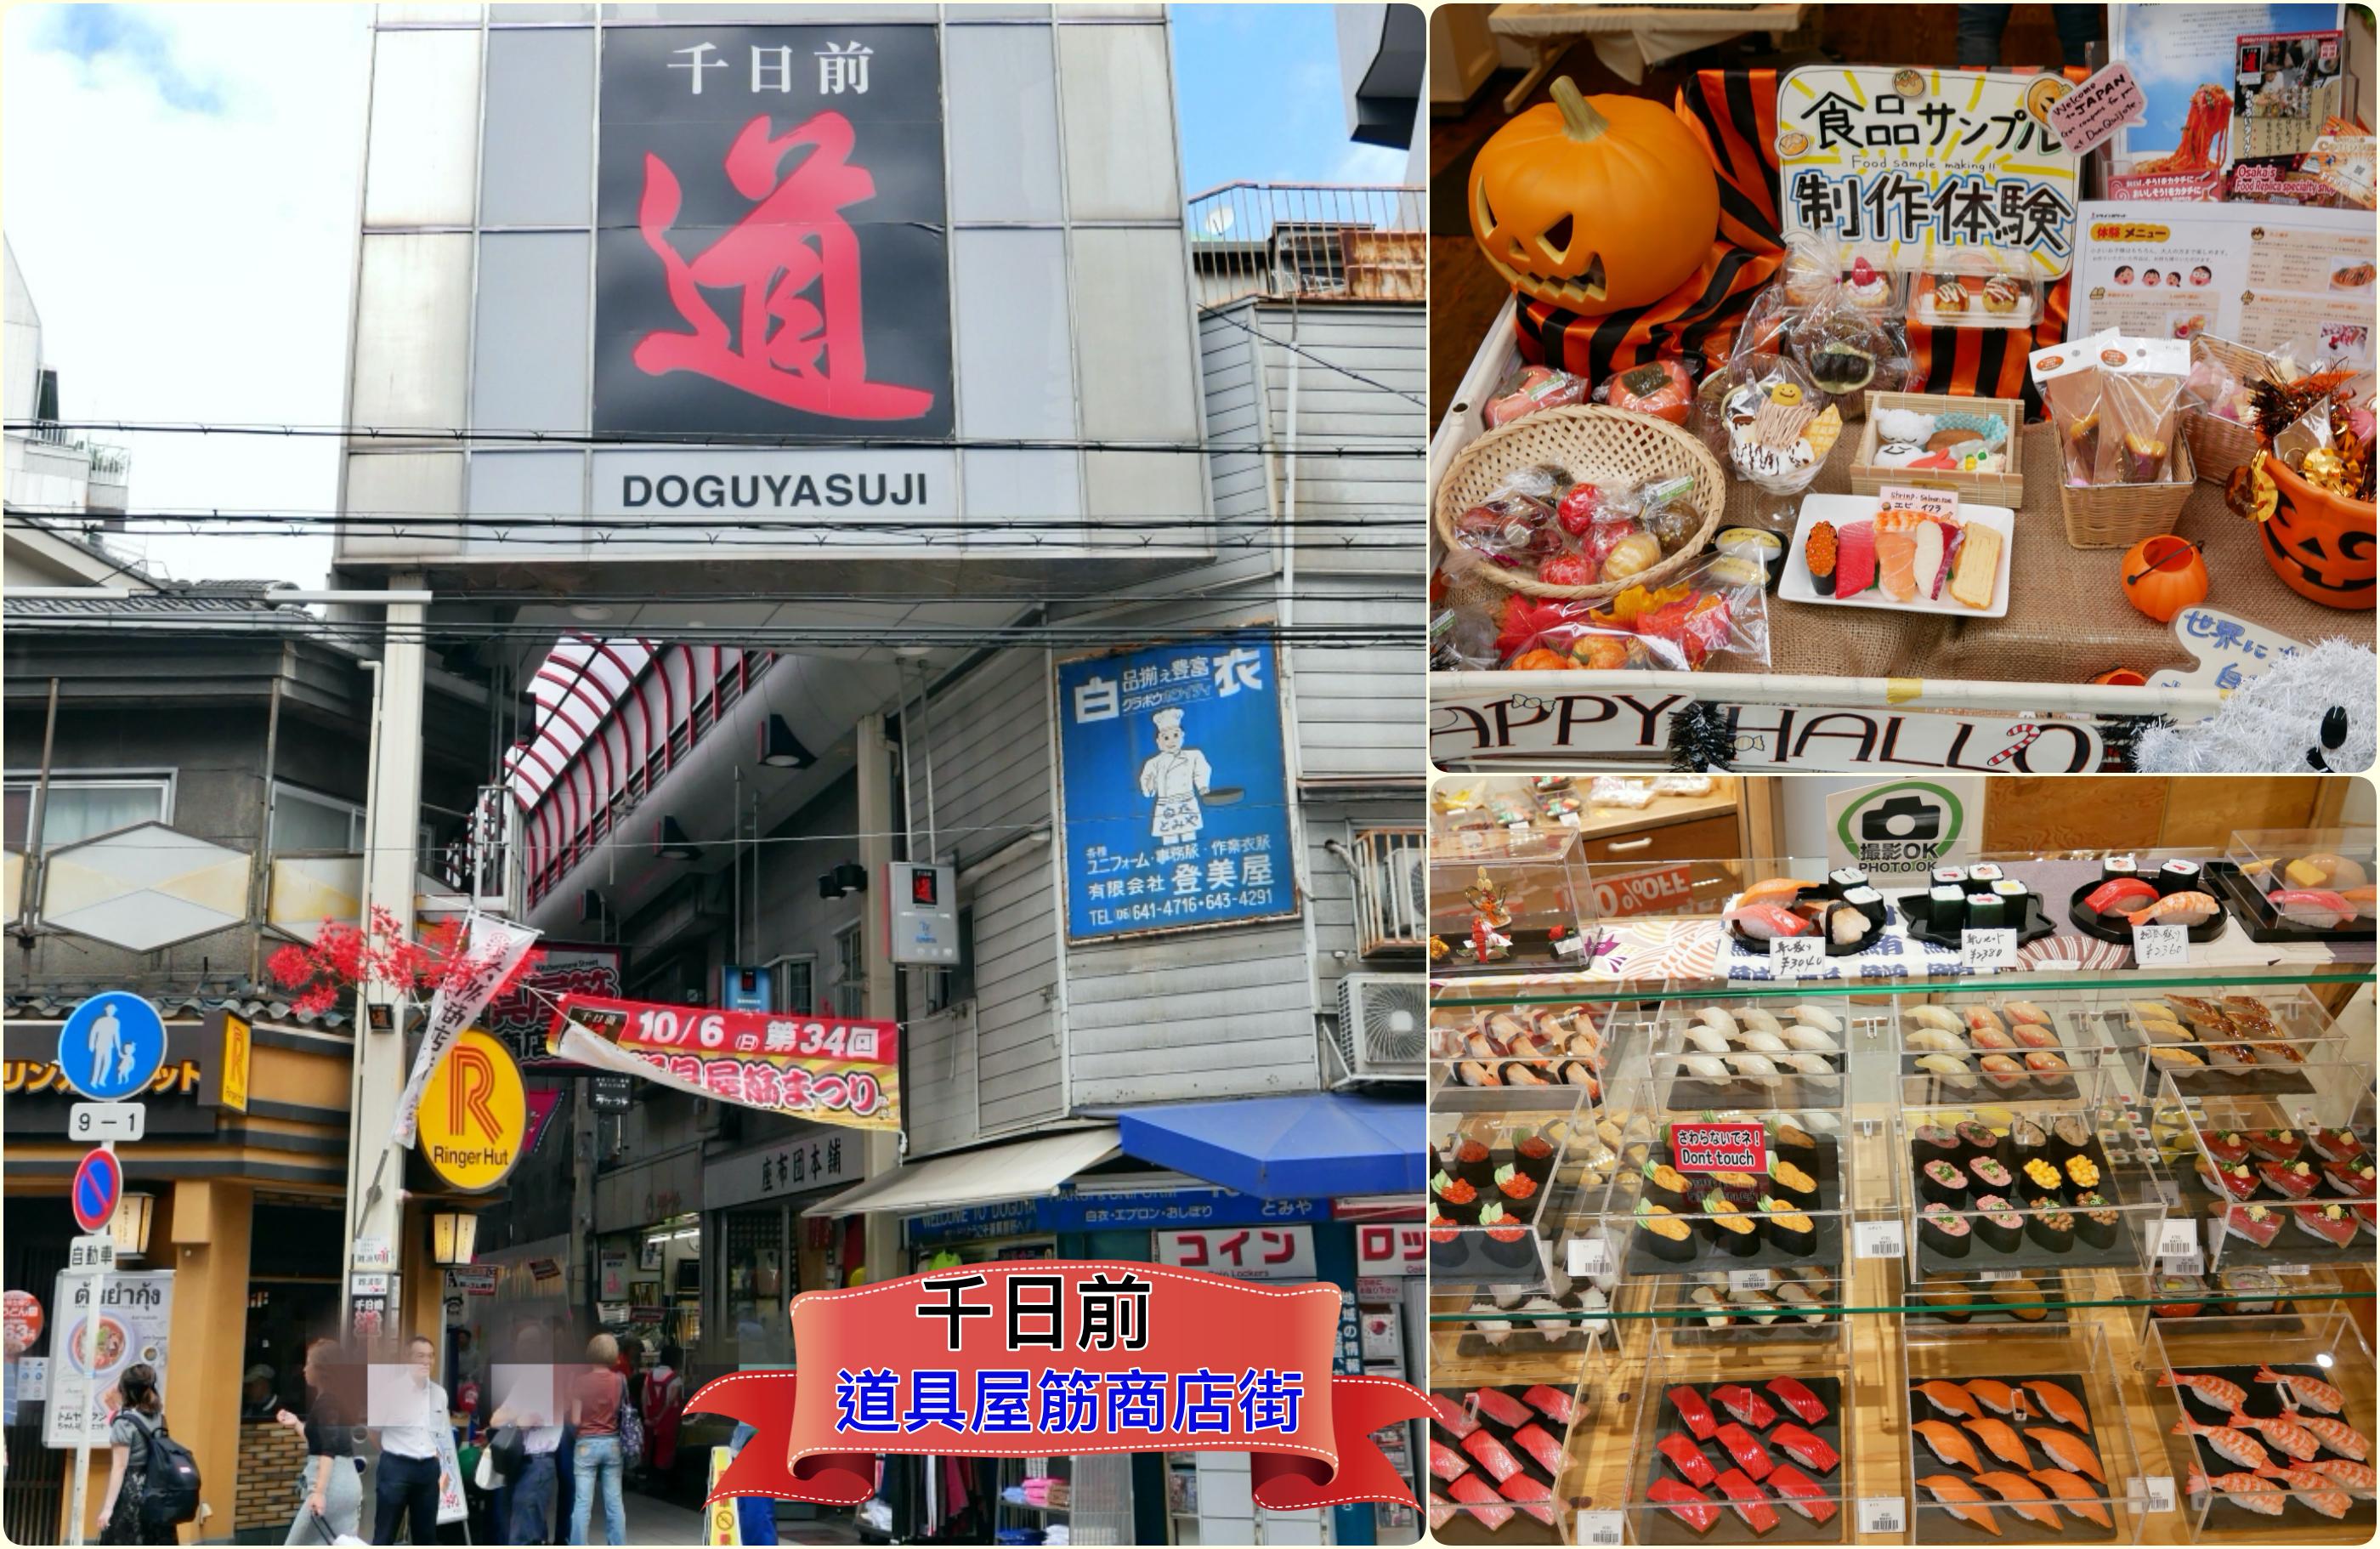 [大阪購物]千日前道具屋筋商店街|特色商店街~巷弄中好逛的調理用具專賣店.食玩模型通通有 @VIVIYU小世界